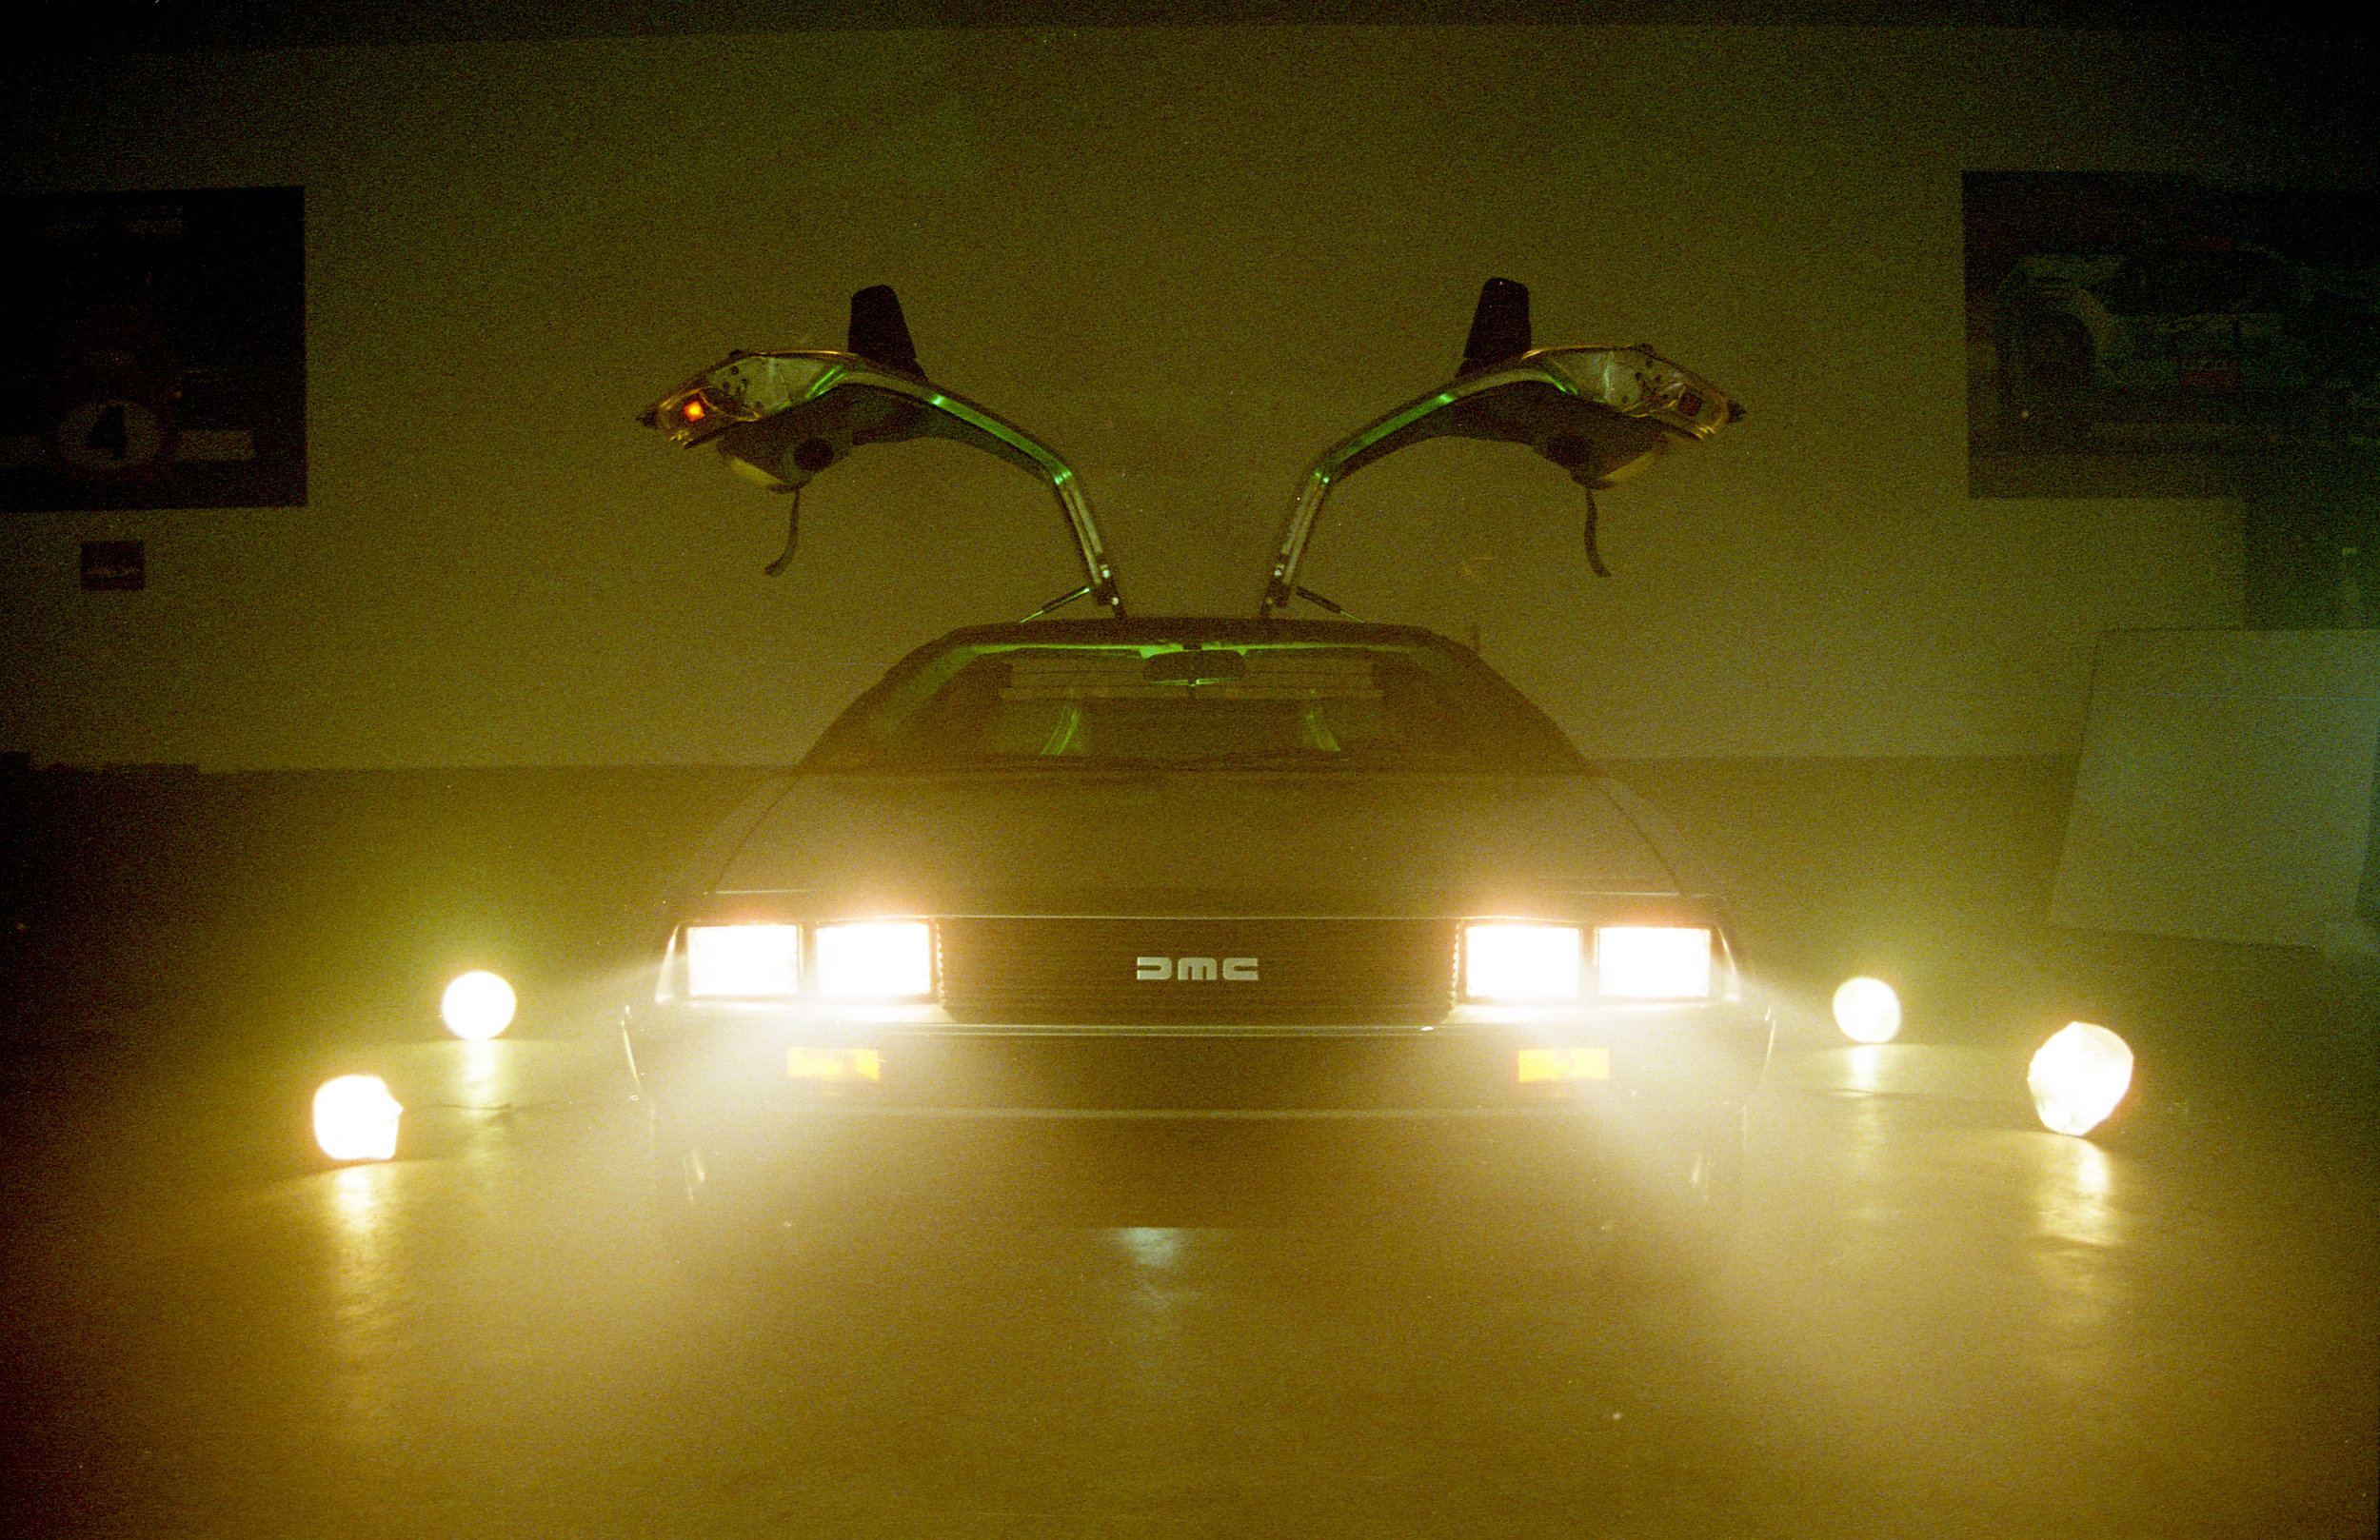 delorean-fog-film-3.jpg